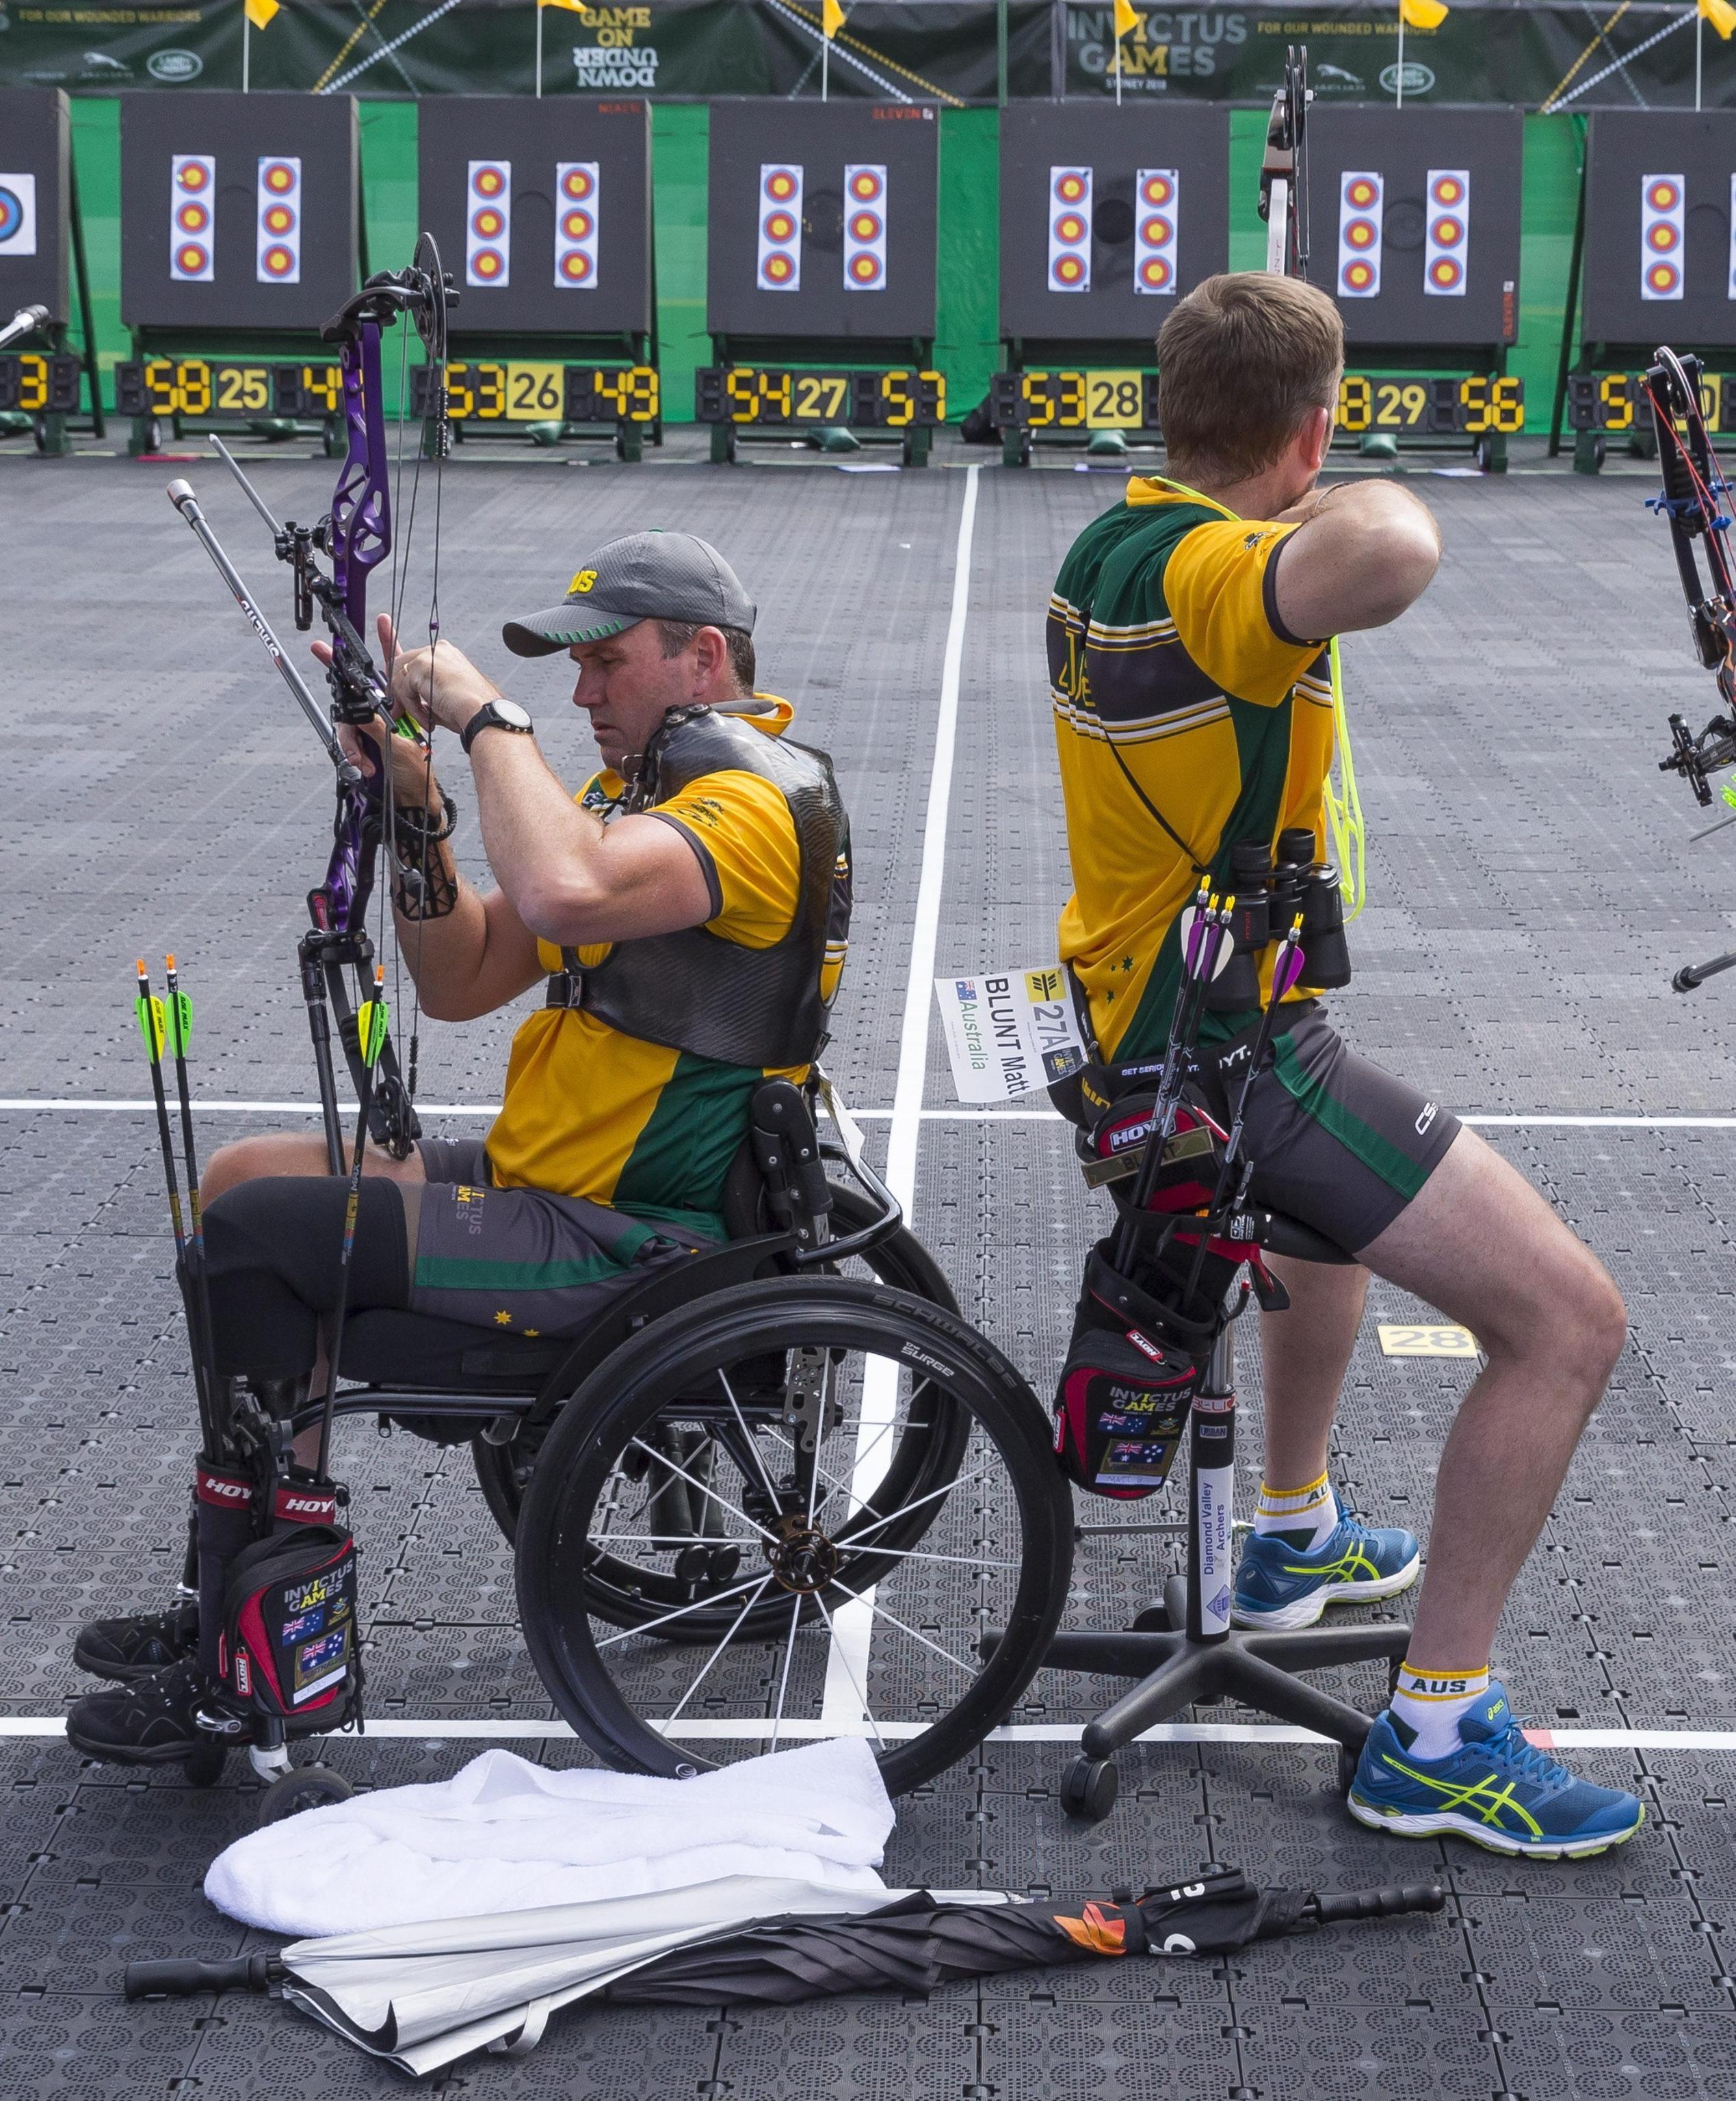 La squadra australiana di tiro con l'arco prepara il tiro durante gli Invictus Games 2018